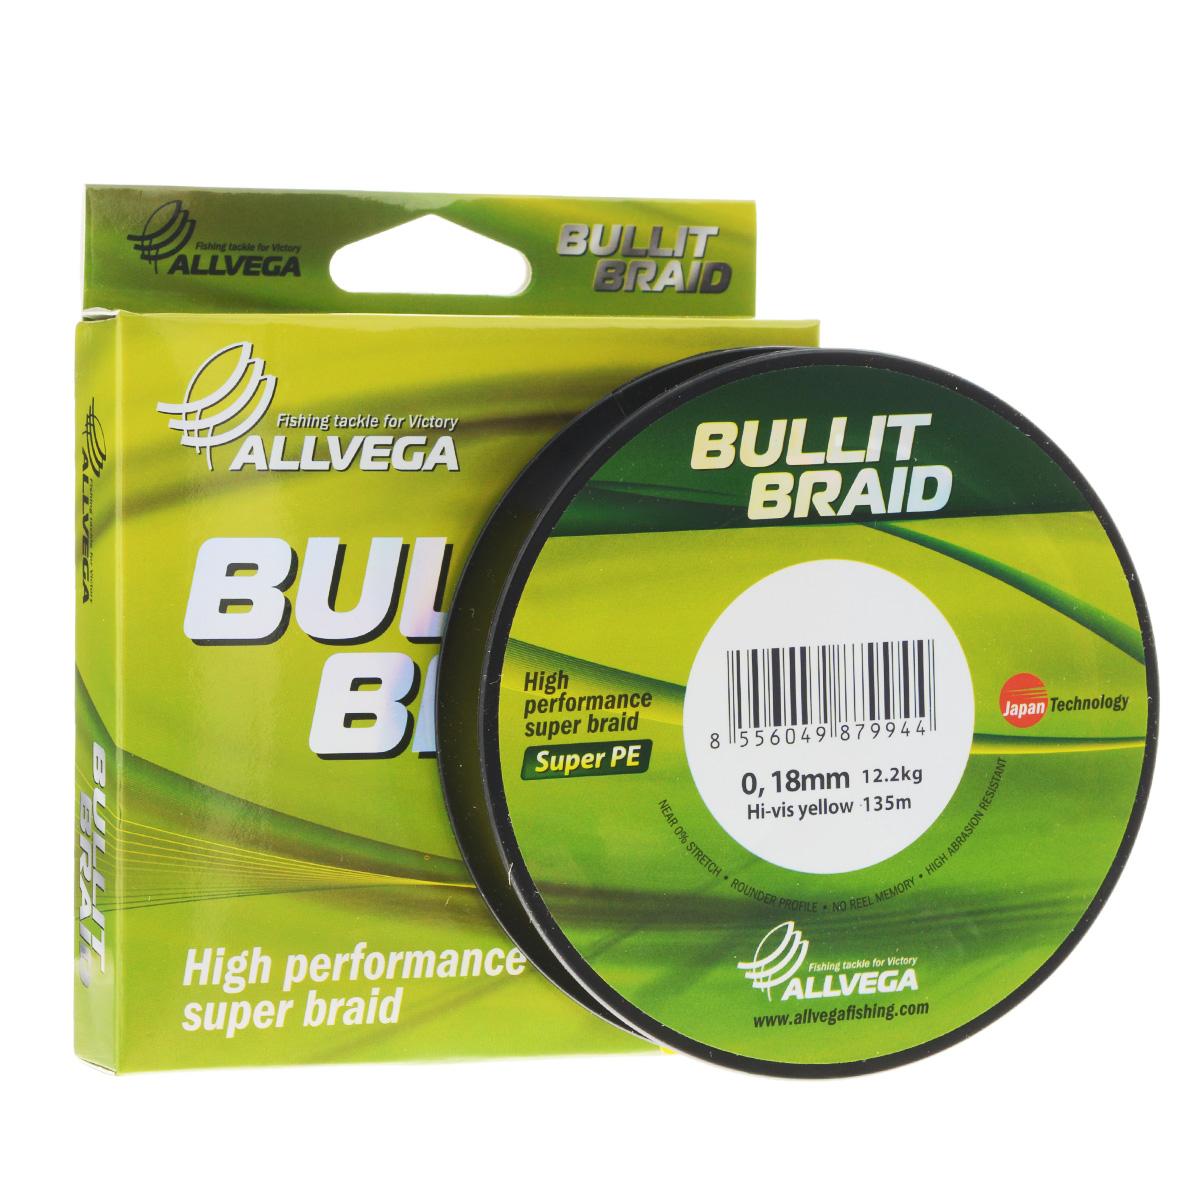 Леска плетеная Allvega Bullit Braid, цвет: ярко-желтый, 135 м, 0,18 мм, 12,2 кг21453Леска Allvega Bullit Braid с гладкой поверхностью и одинаковым сечением по всей длине обладает высокой износостойкостью. Благодаря микроволокнам полиэтилена (Super PE) леска имеет очень плотное плетение и не впитывает воду. Леску Allvega Bullit Braid можно применять в любых типах водоемов. Особенности: повышенная износостойкость; высокая чувствительность - коэффициент растяжения близок к нулю; отсутствует память; идеально гладкая поверхность позволяет увеличить дальность забросов; высокая прочность шнура на узлах.